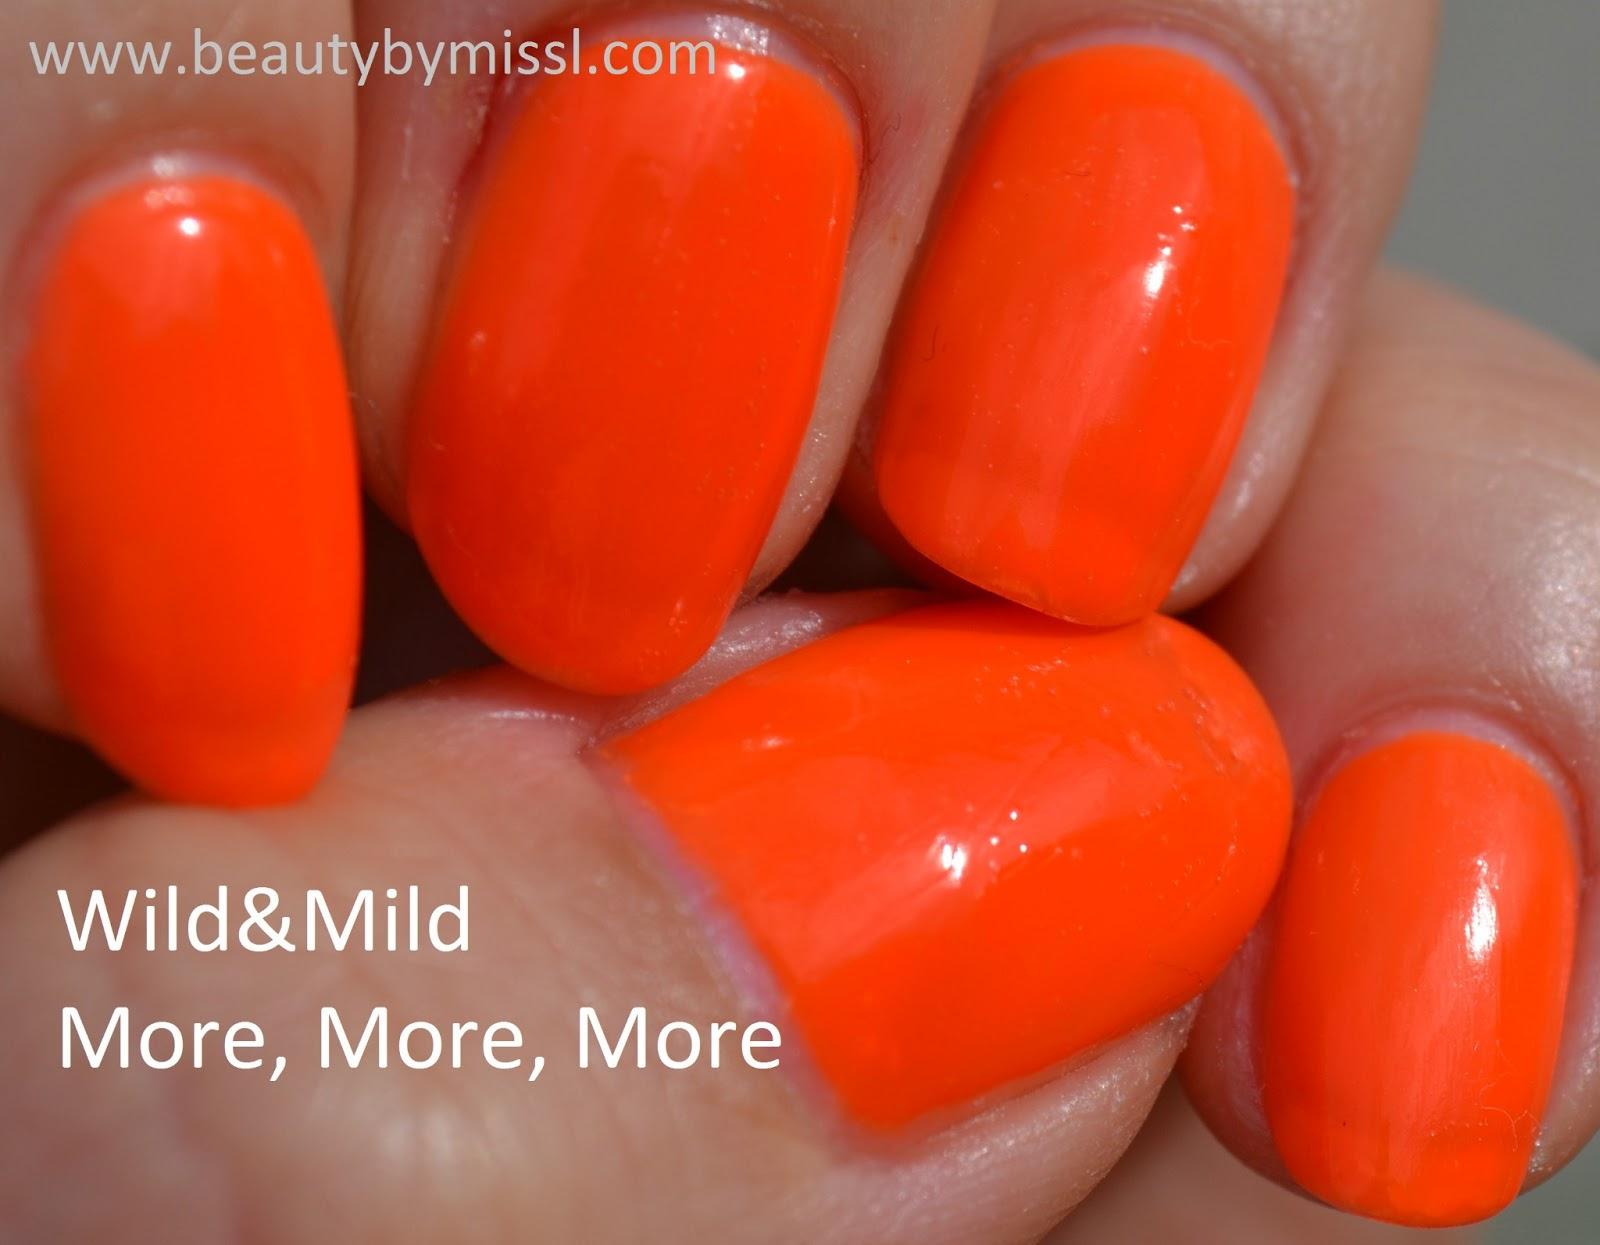 wild&mild more more more